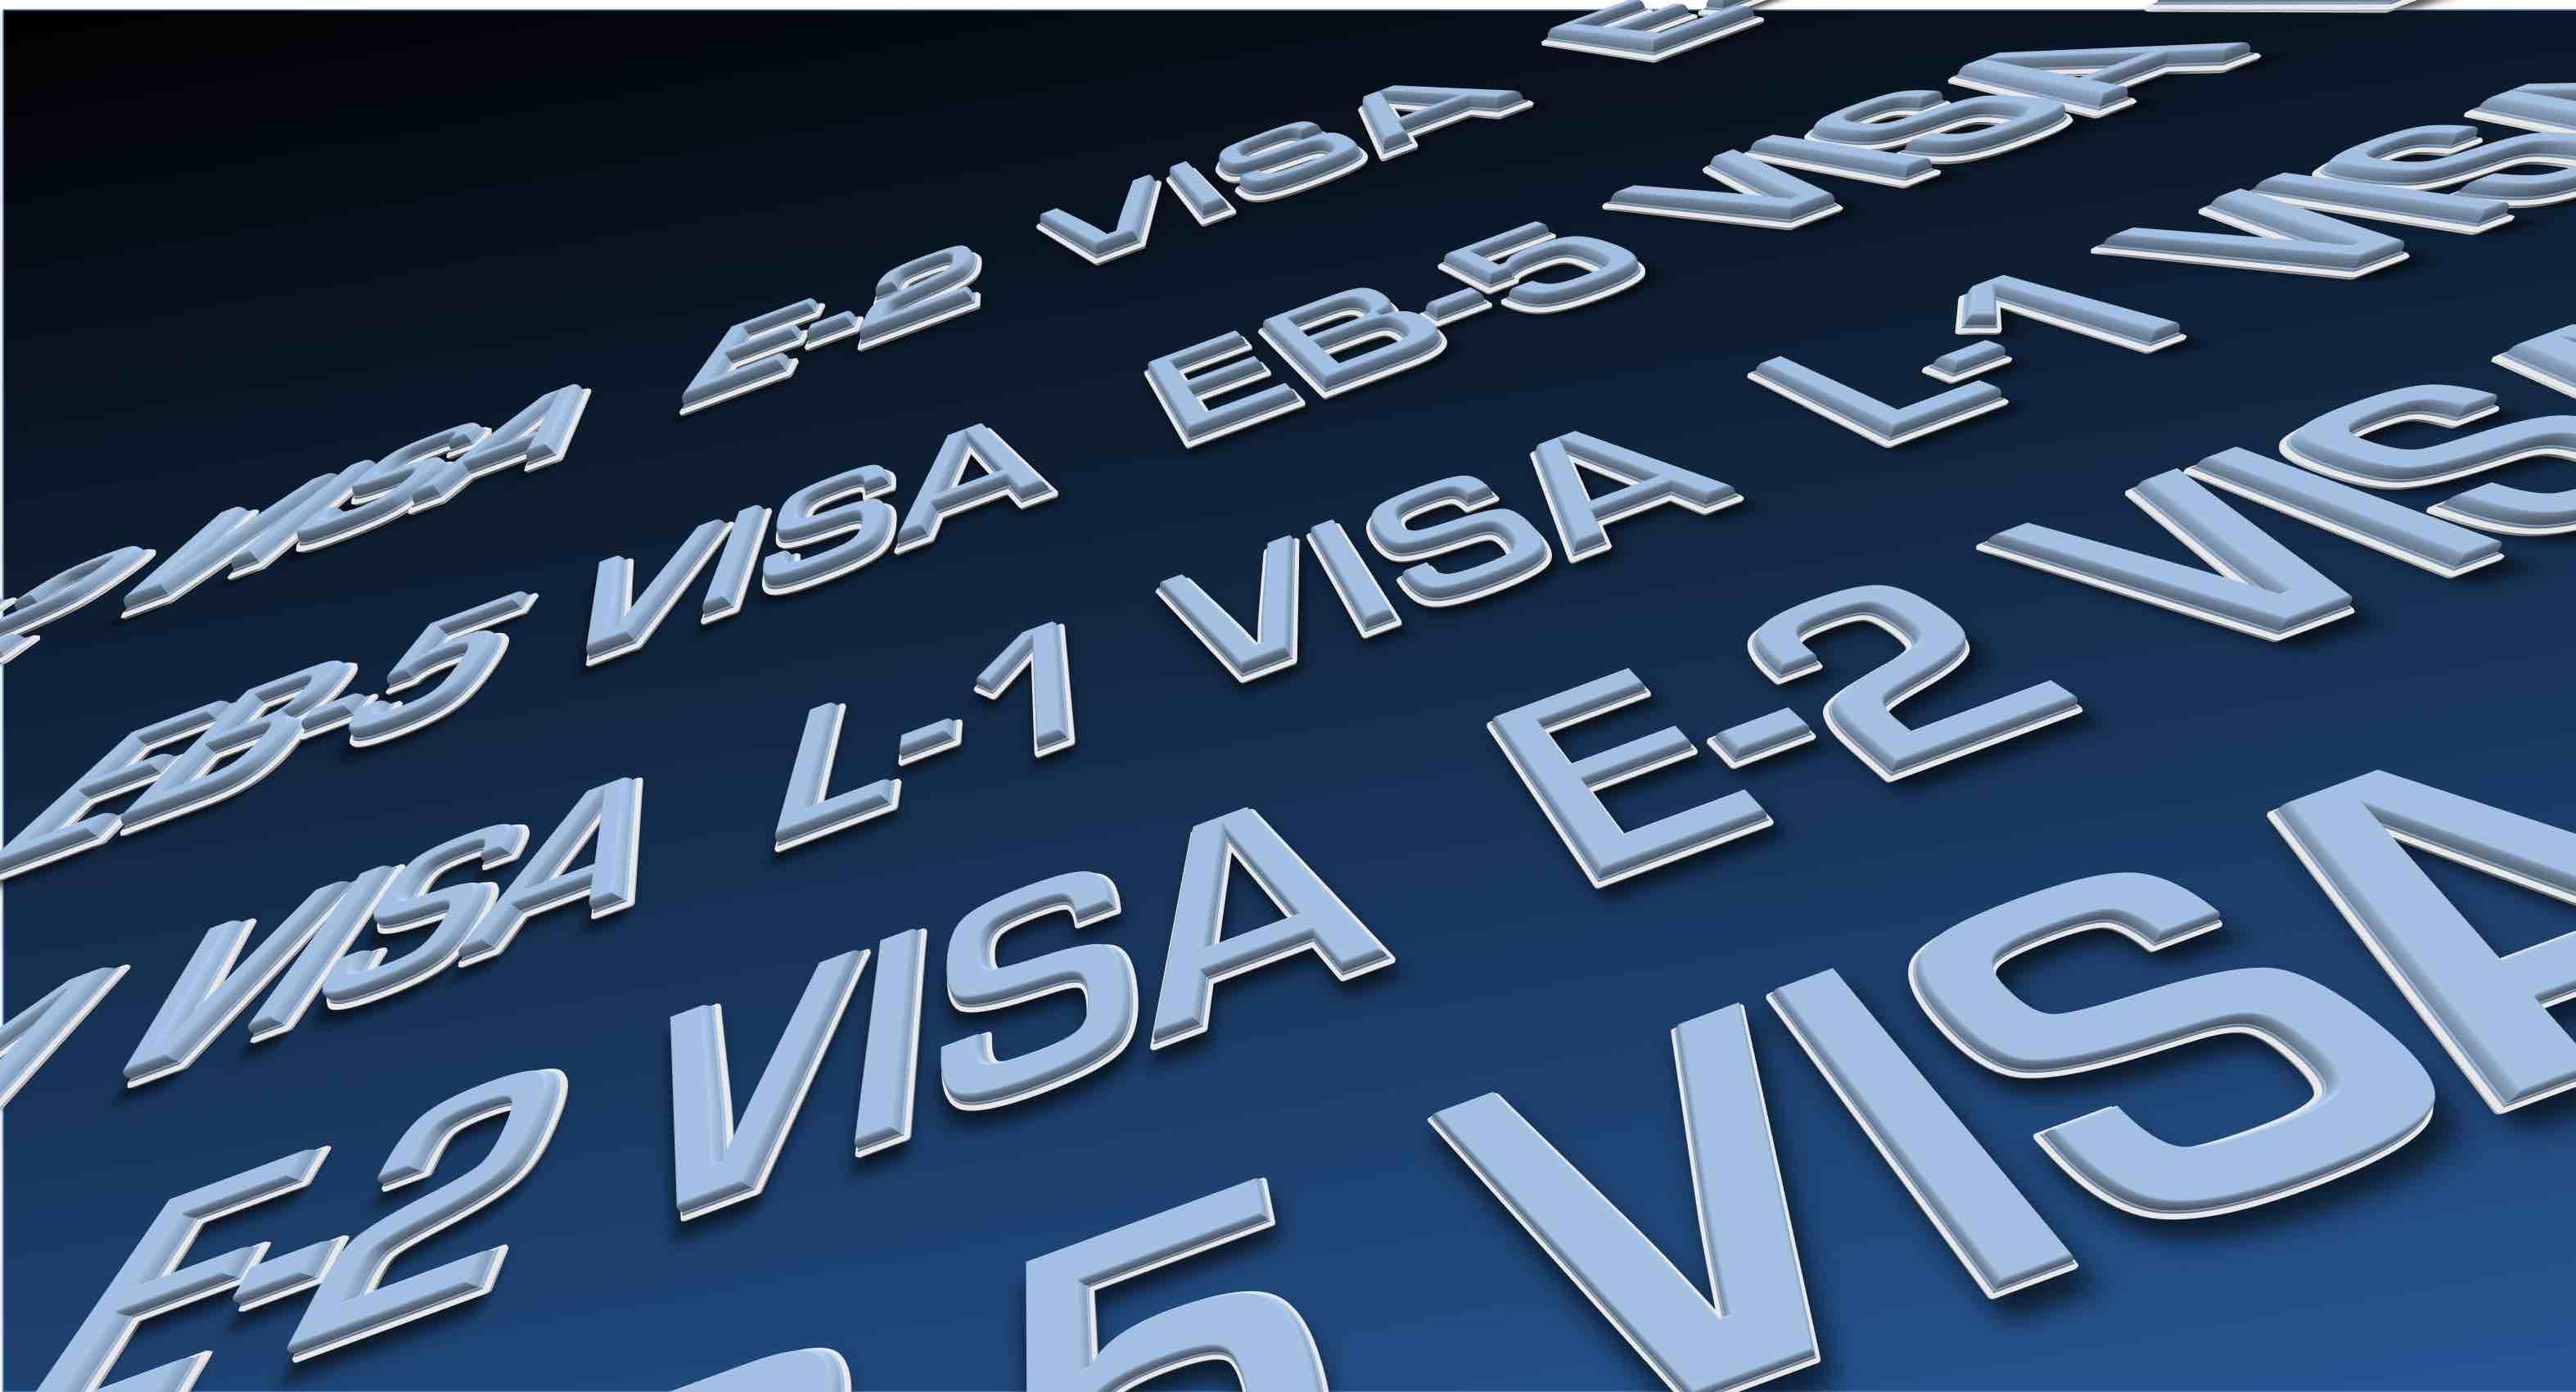 Elige una visa para lanzar su empresa en EE.UU.:  E2, L1 o EB5